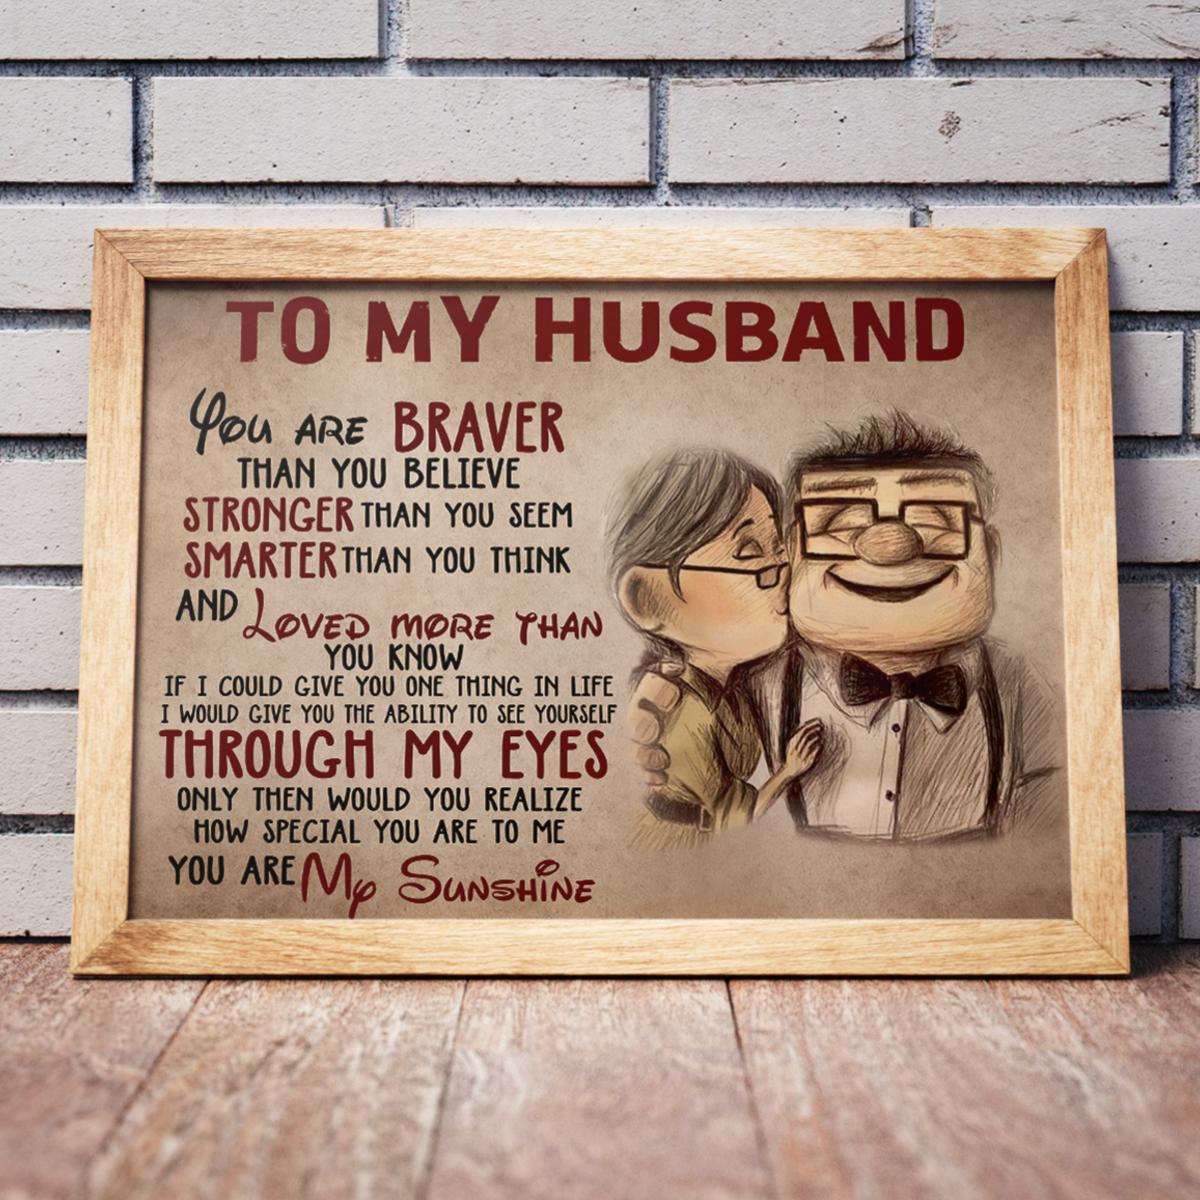 af7e822343d92592de992b9793ae0c83 - How Do I Get My Husband To Want Me More